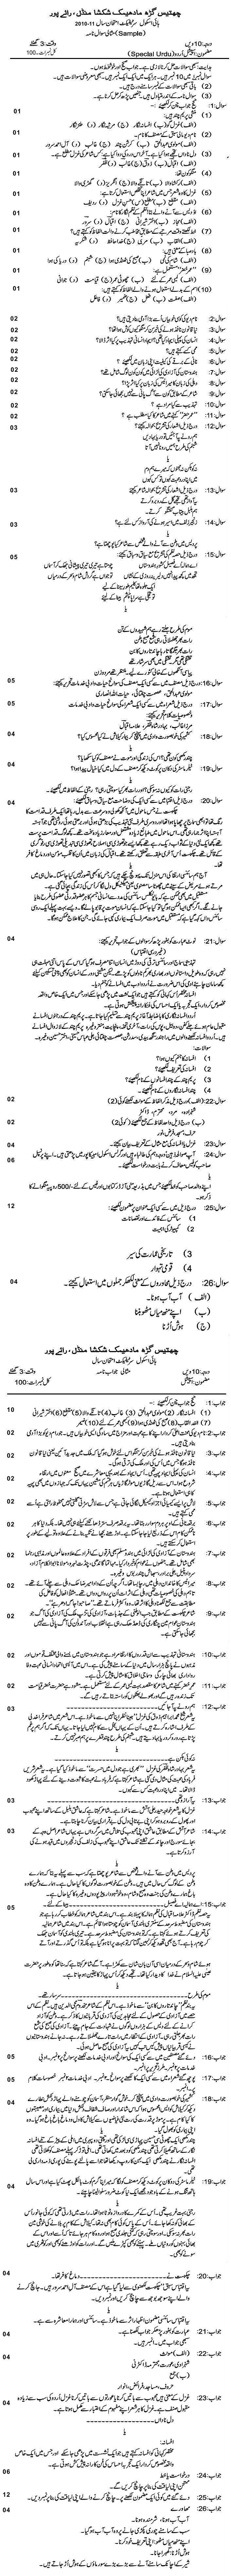 Chattisgarh Board Class 10 Urdu Special Sample Paper